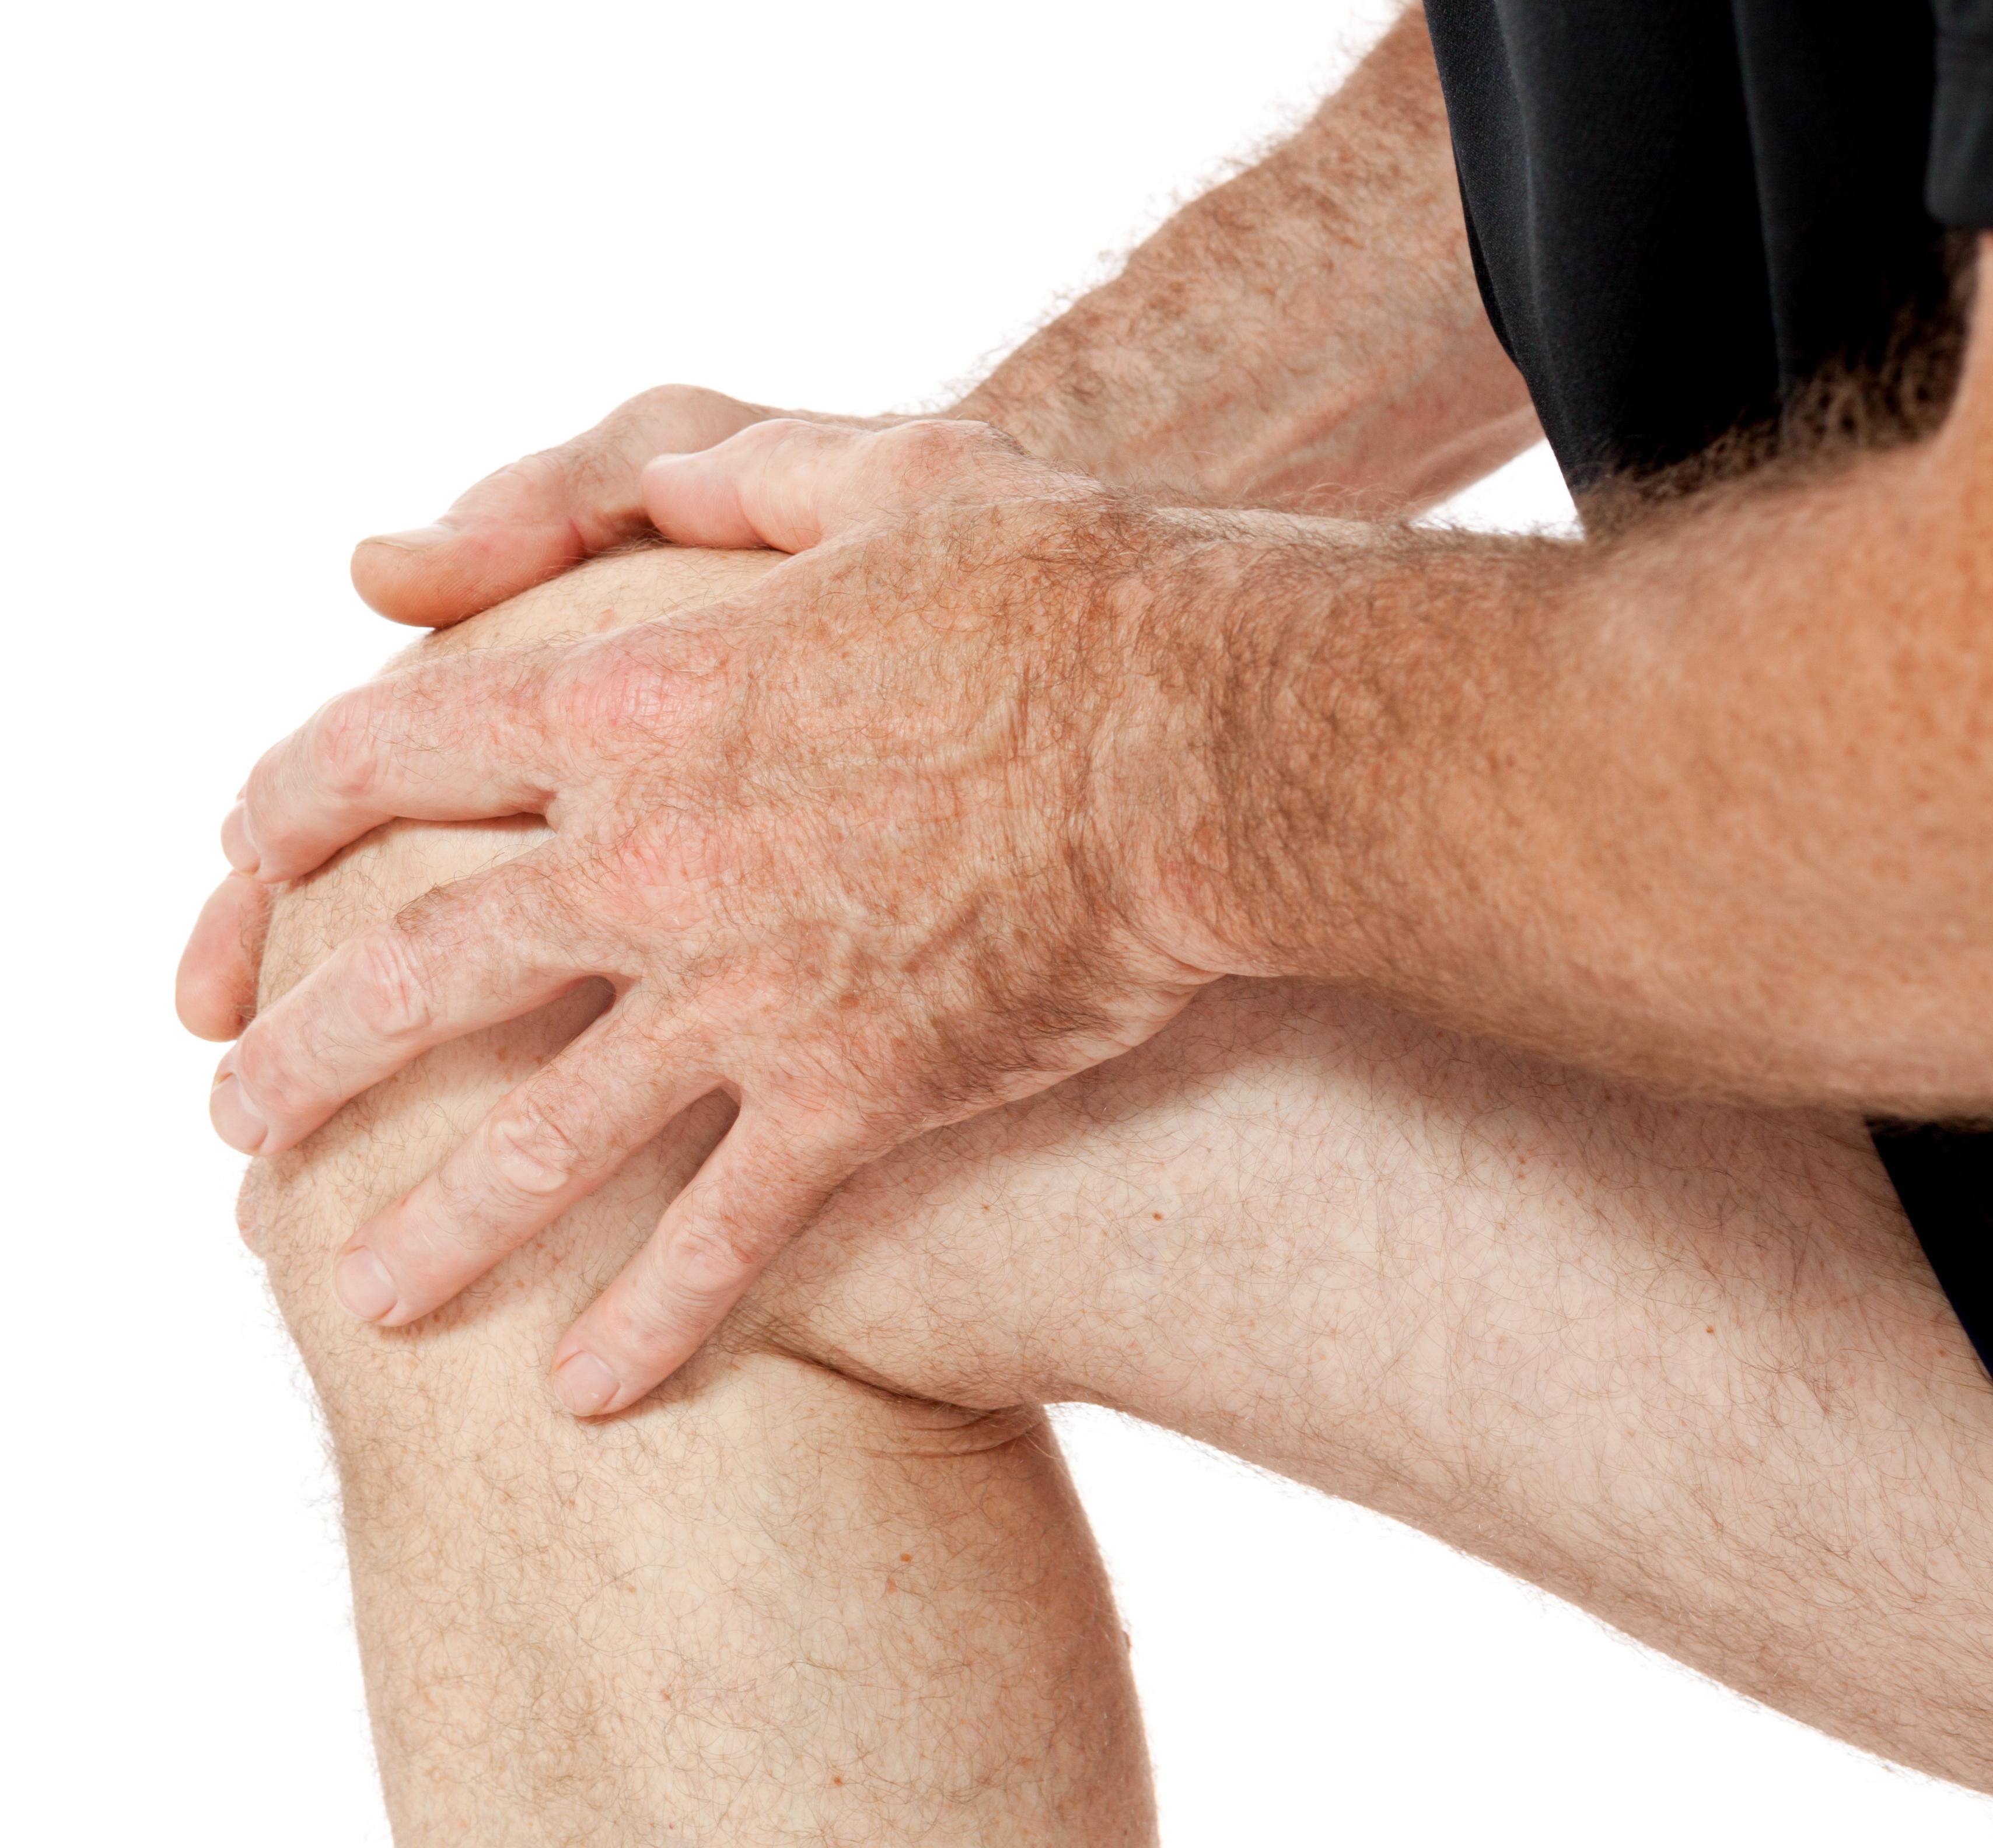 mit kell használni a térdízület fájdalmához)